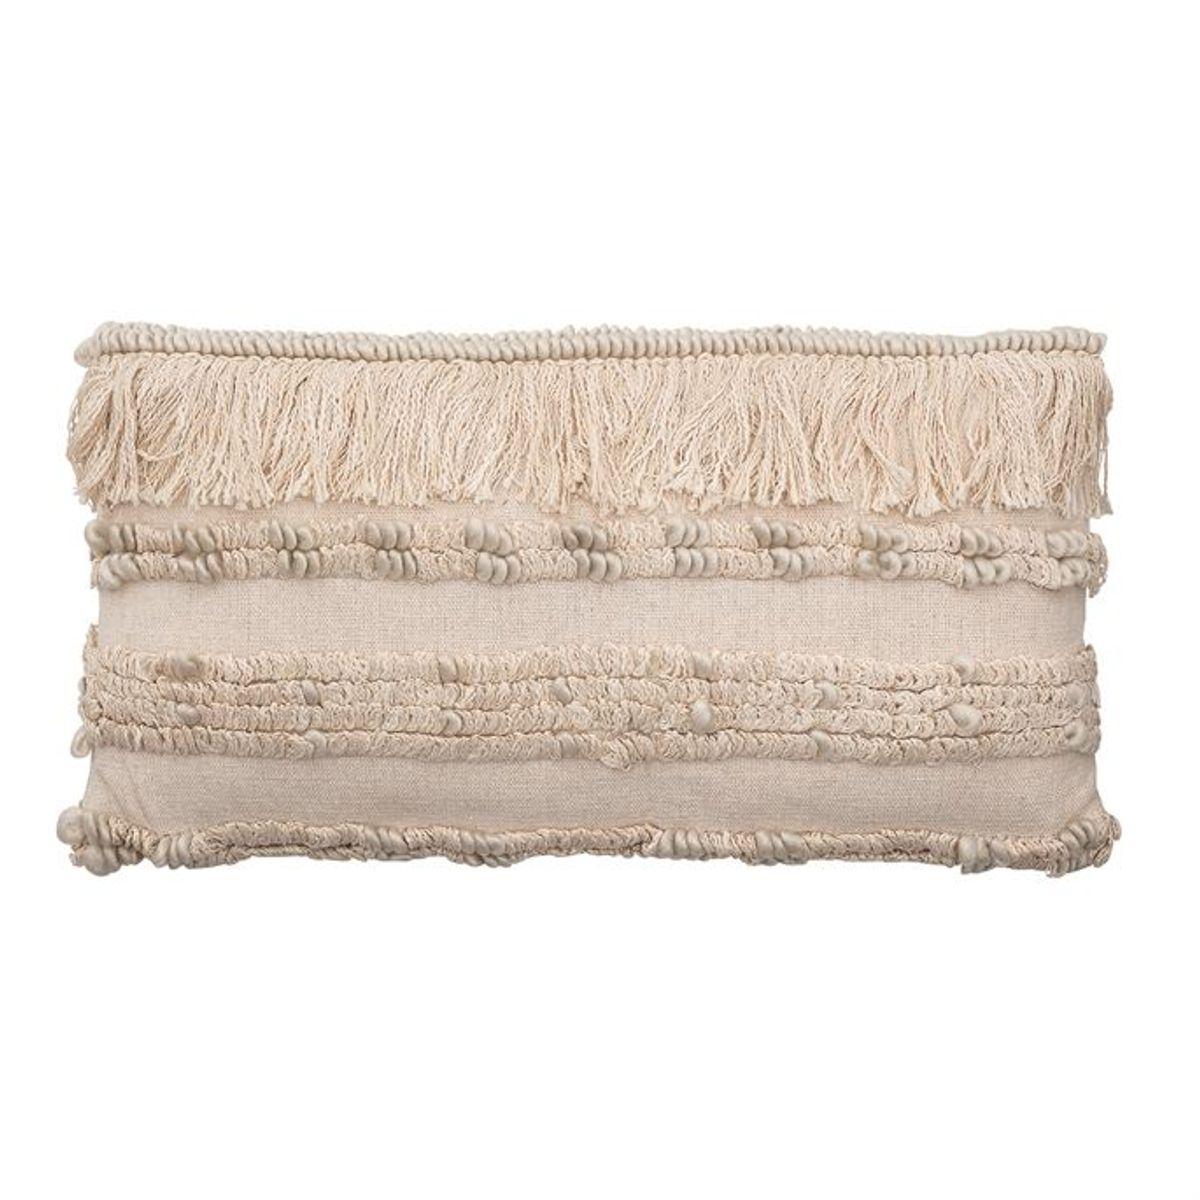 Decorative Pillows 83896